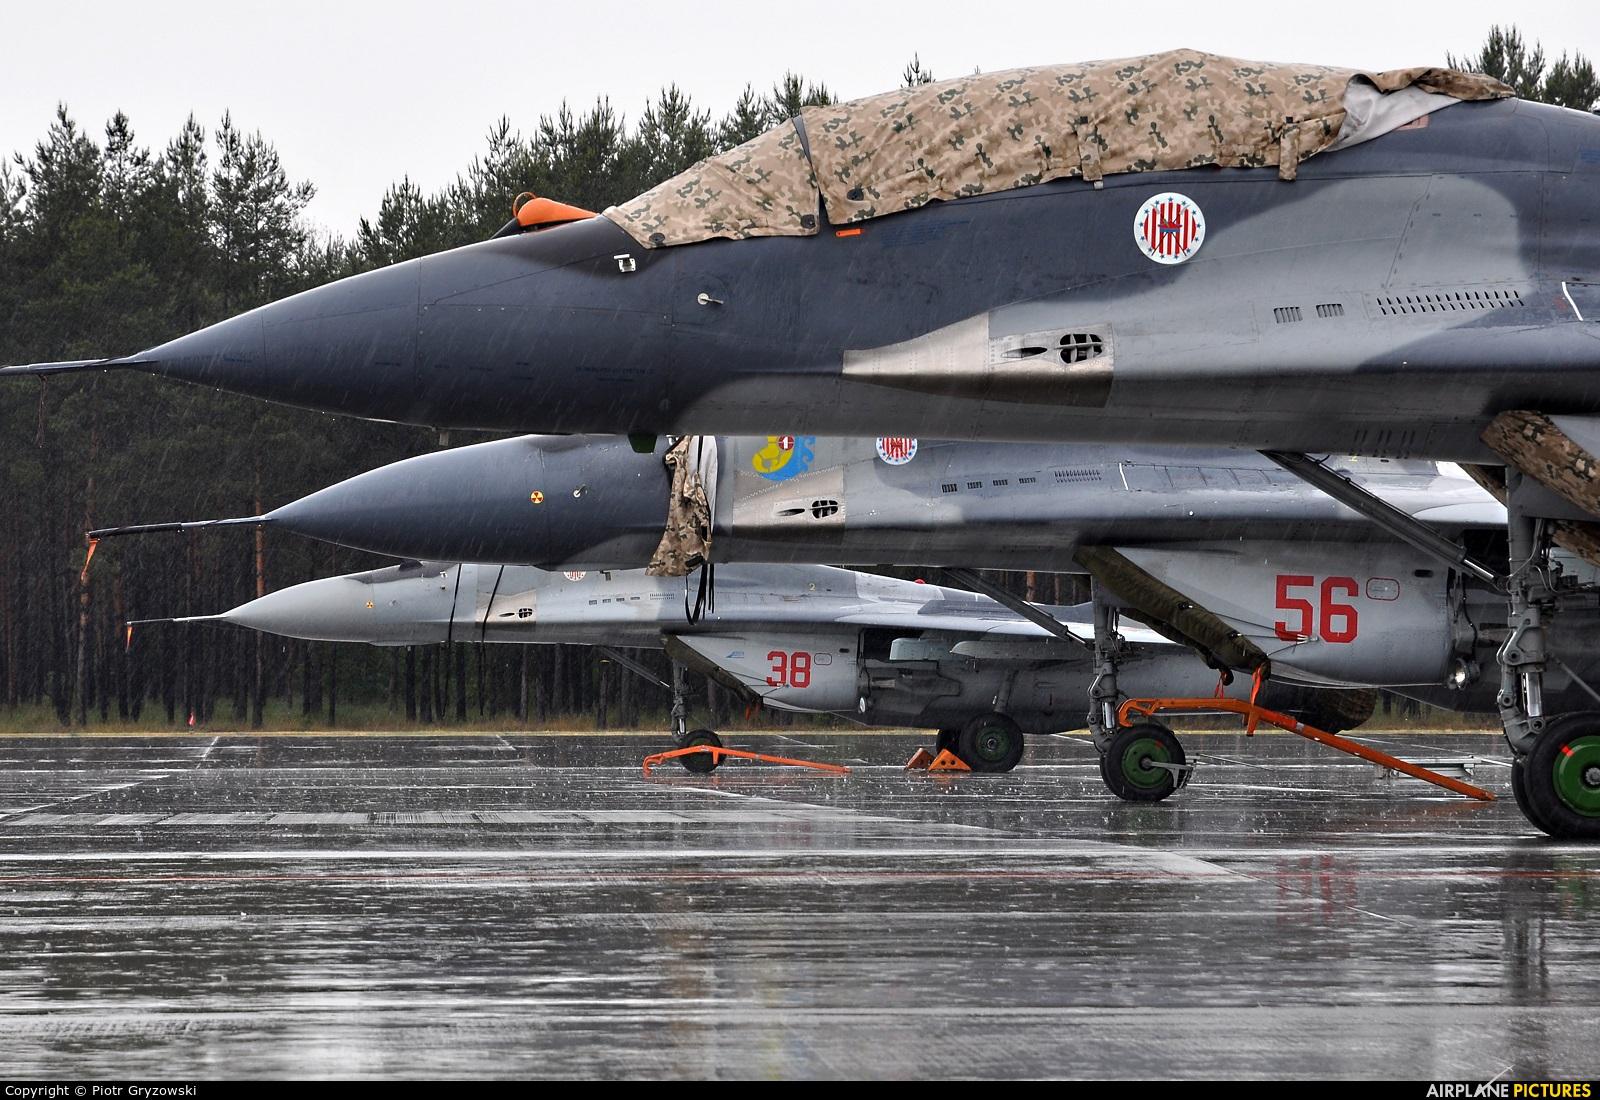 Poland - Air Force 56 aircraft at Powidz